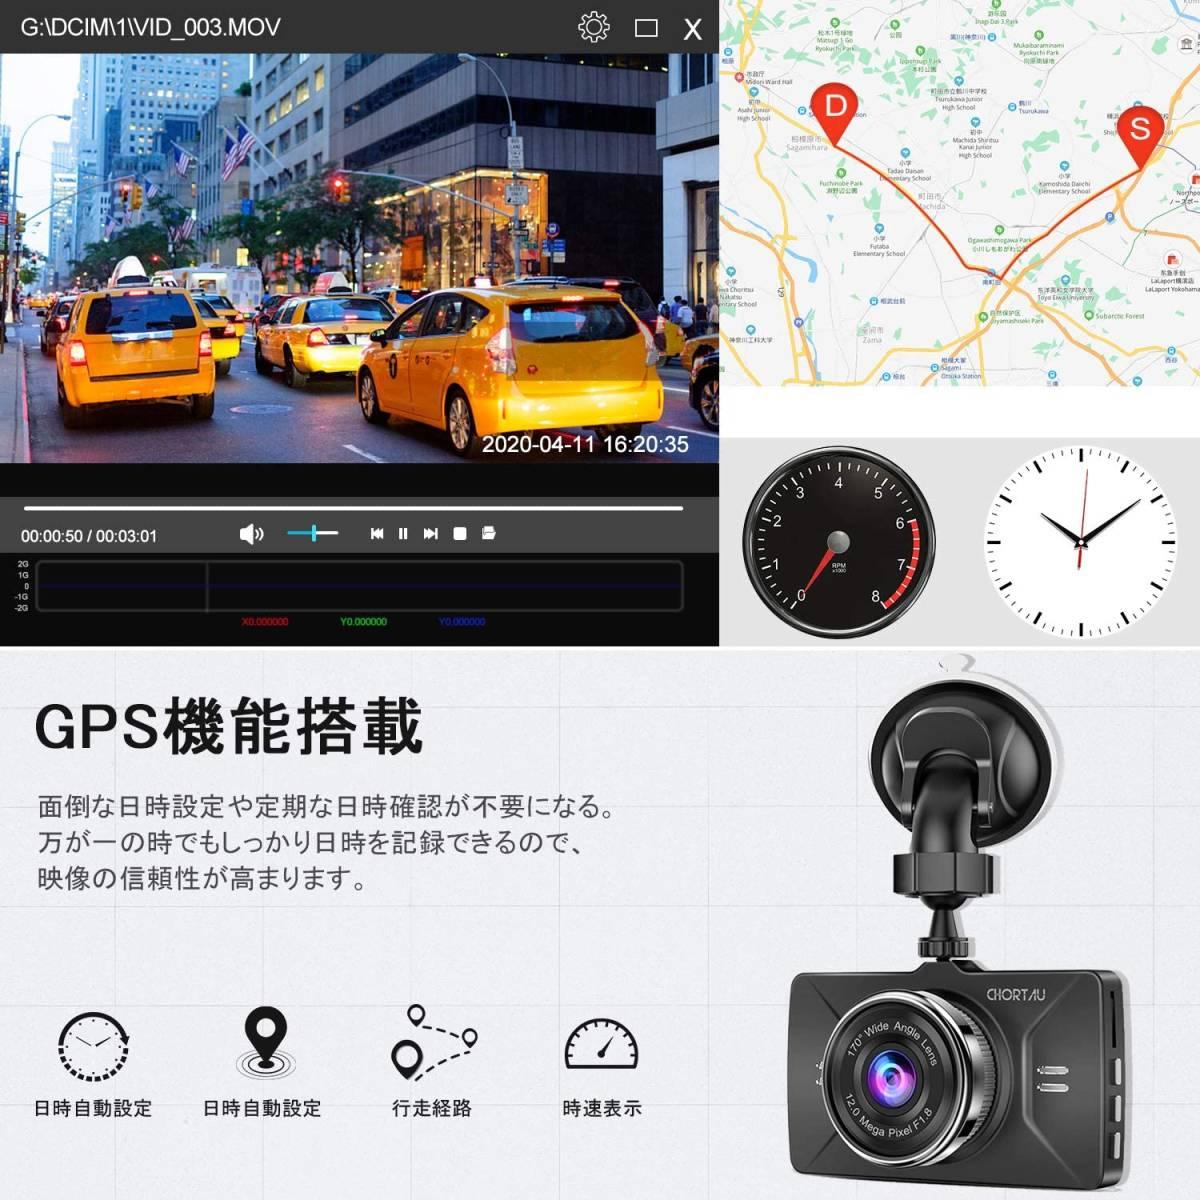 【2021進化版&GPS搭載&前後カメラ】.ドライブレコーダー 前後カメラ1080PフルHD 3.0インチ高画質 170度広角視野 常時録画 Gセンサー_画像5